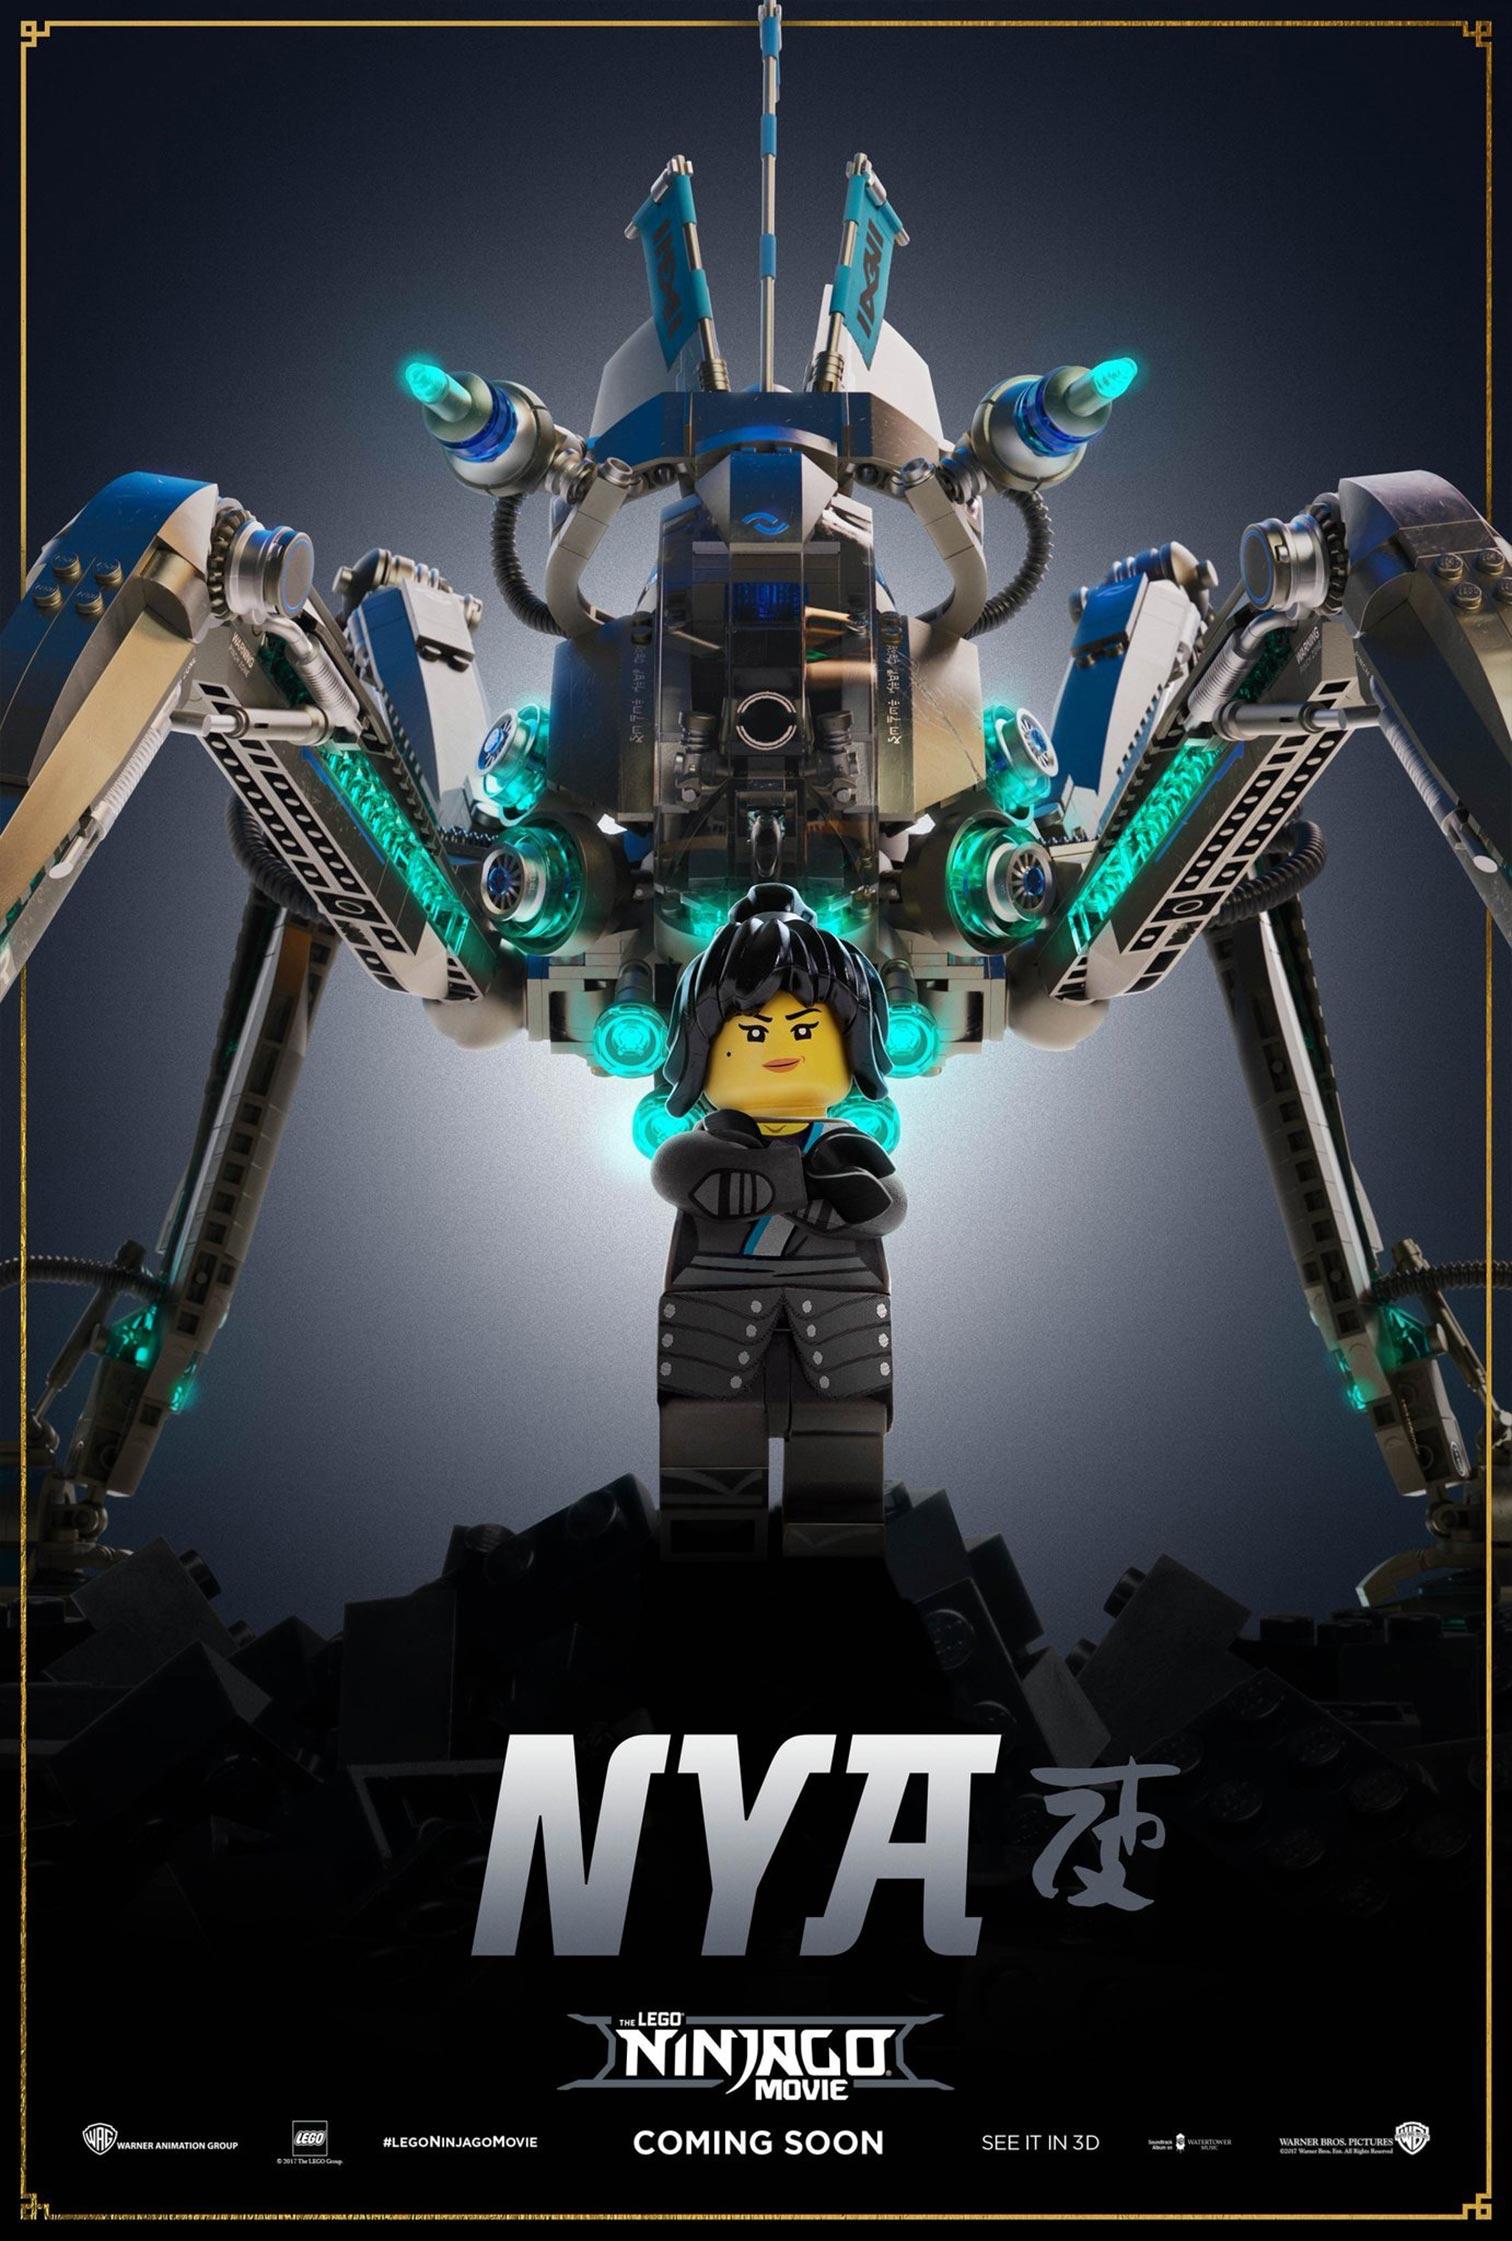 The Lego Ninjago Movie Poster #8